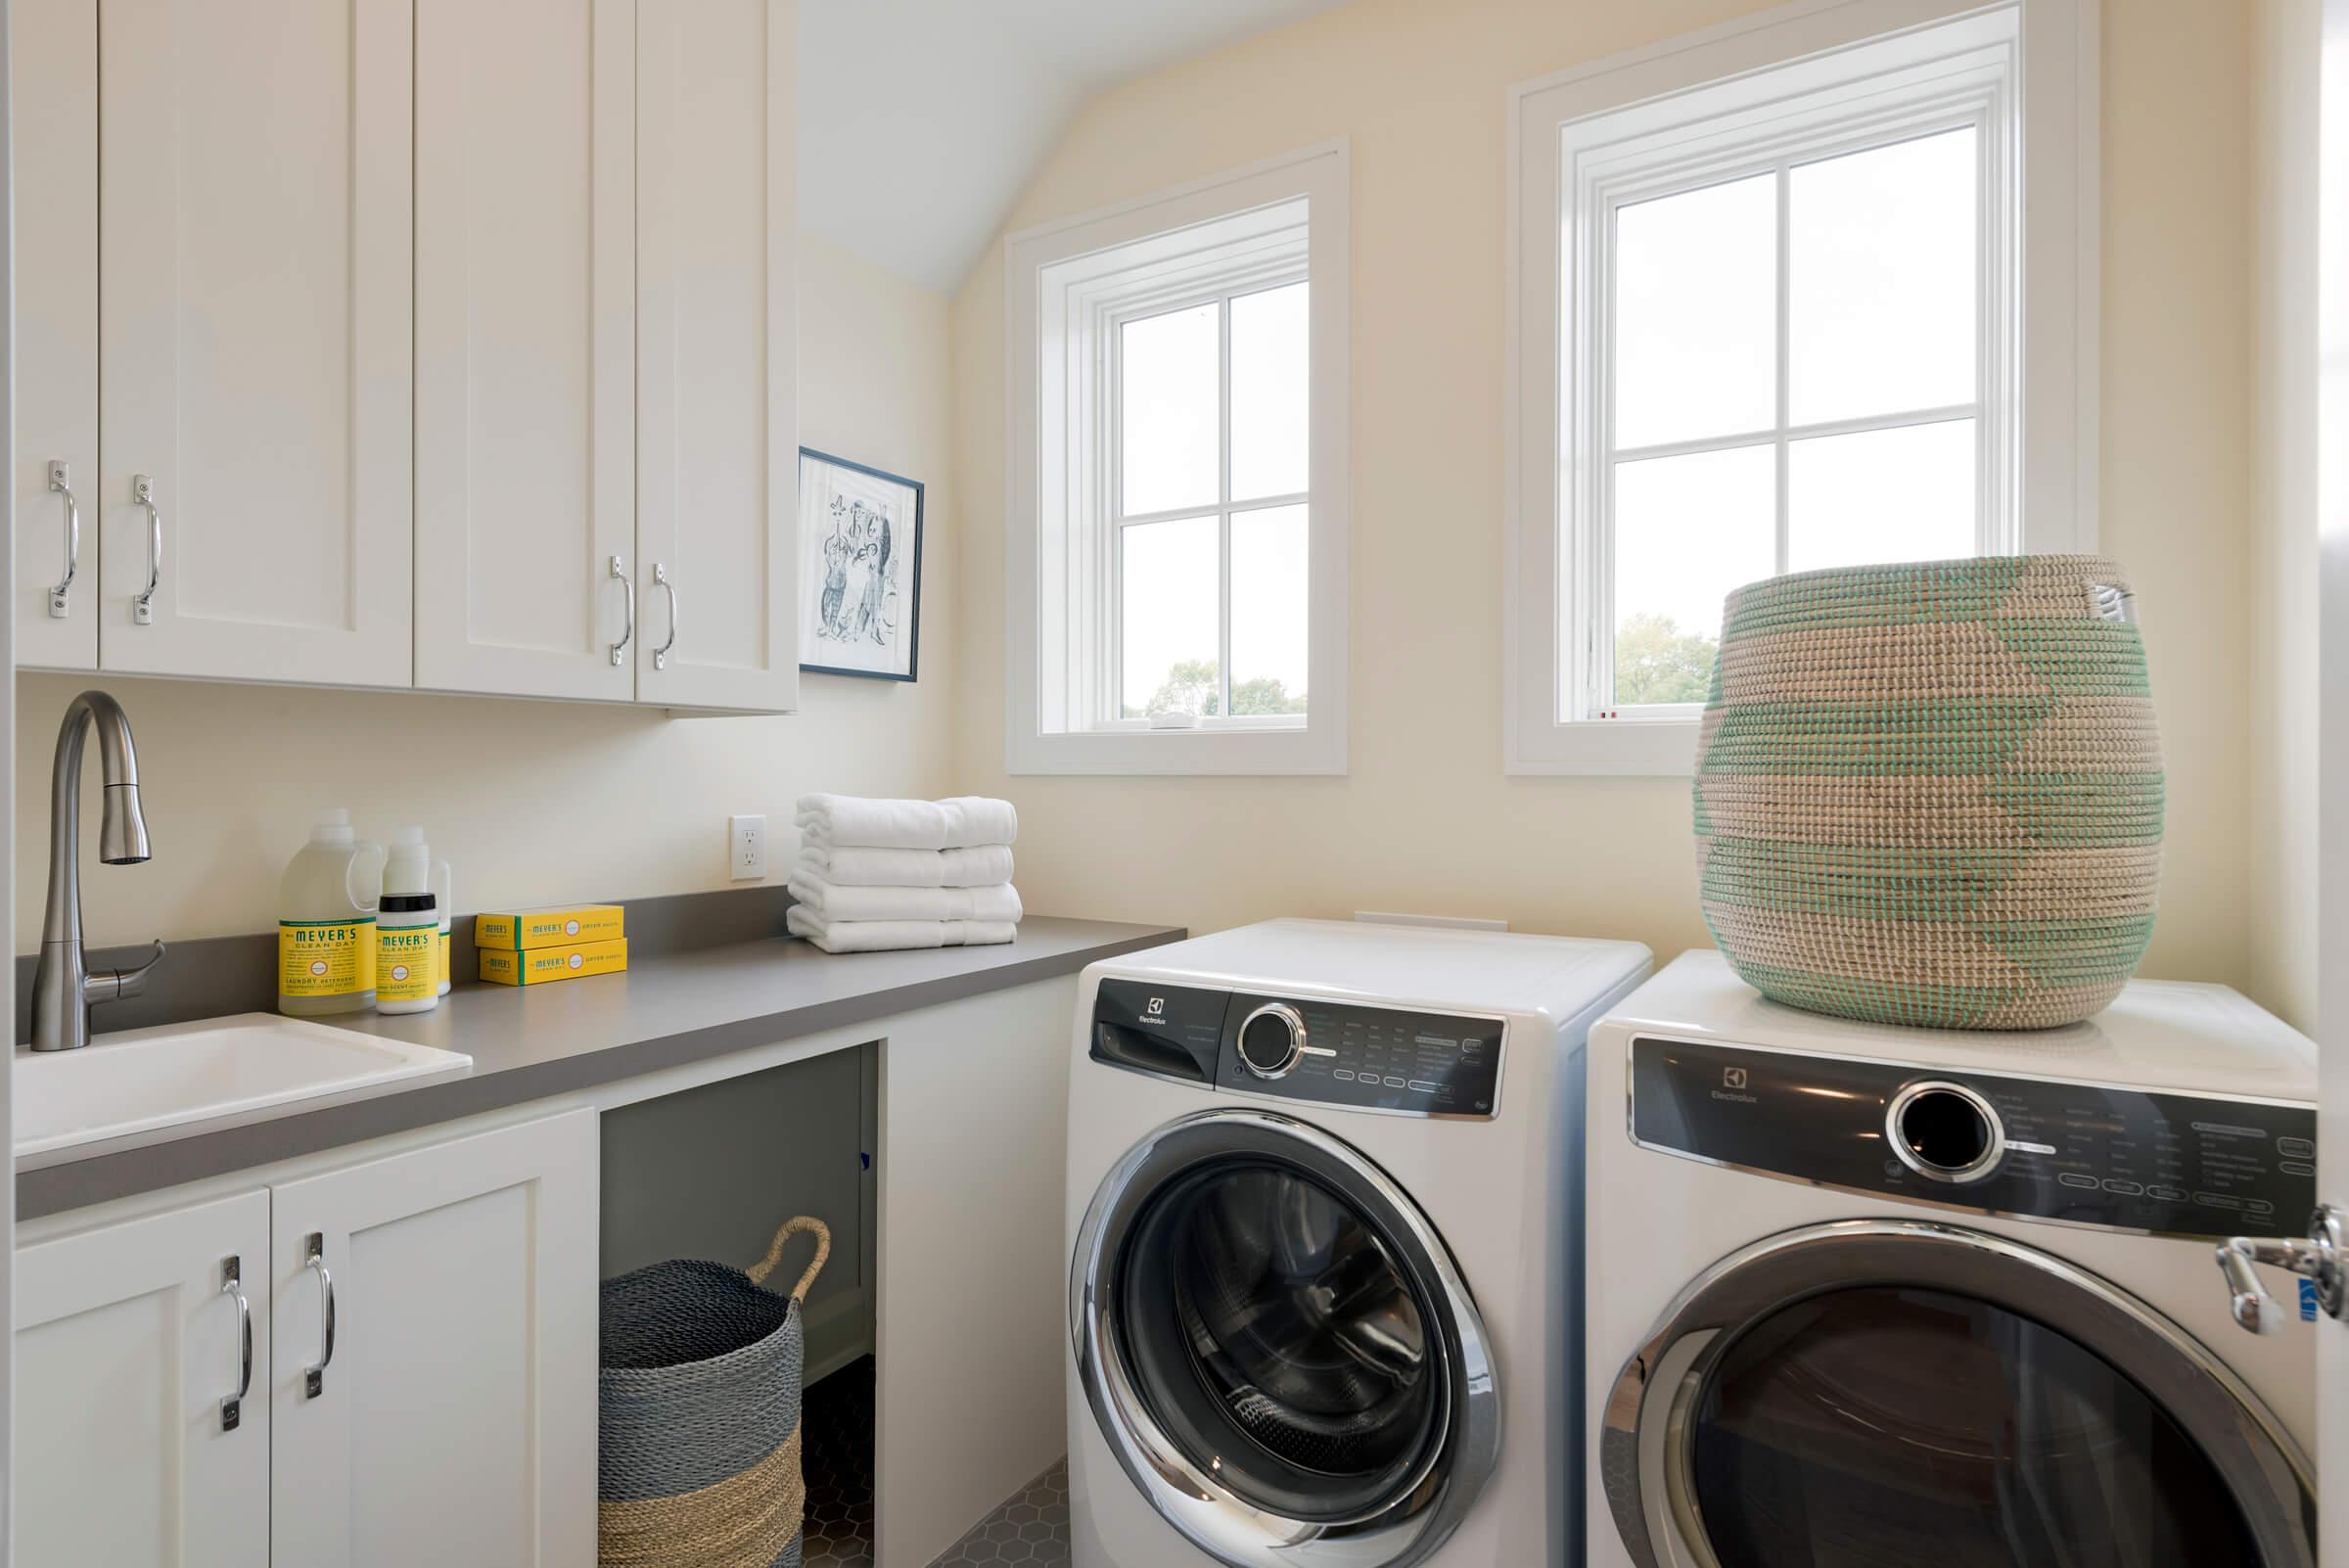 Hawks Laundry